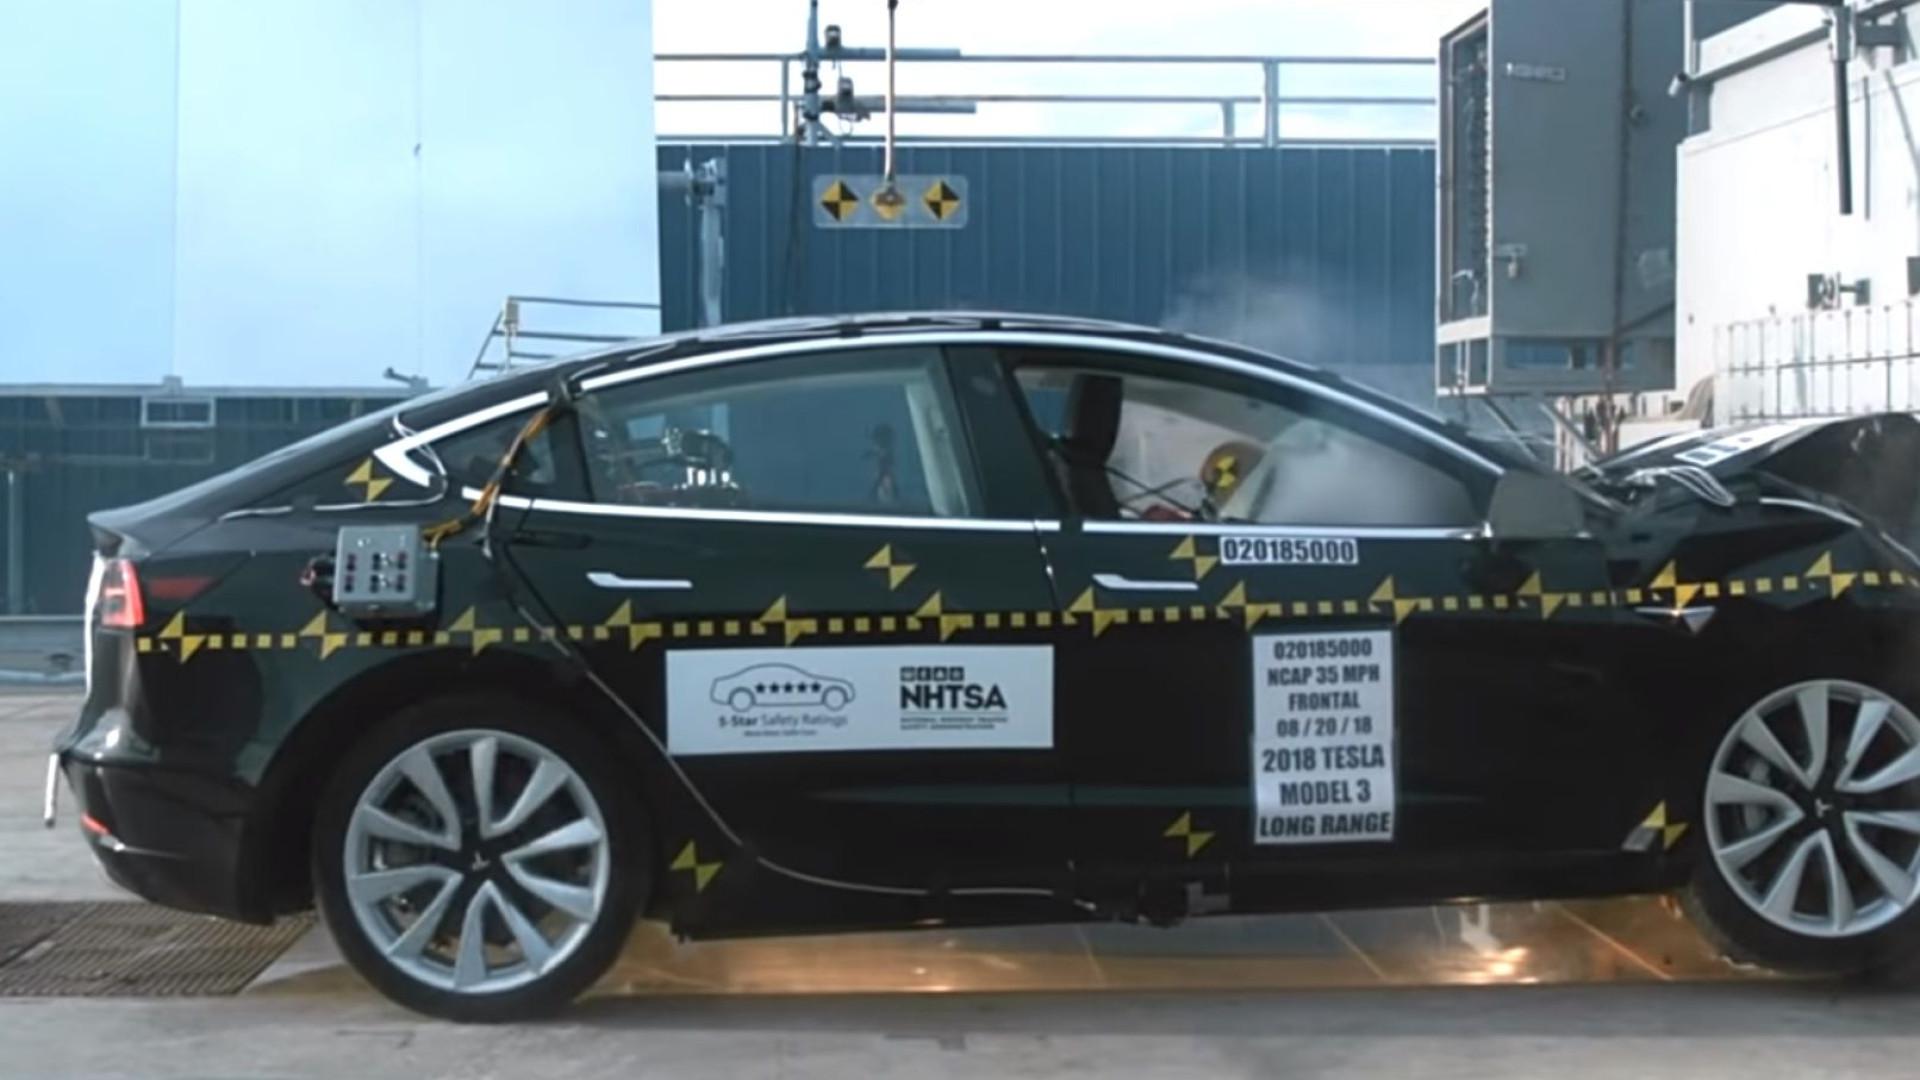 Vídeo mostram como Model 3 da Tesla o protege em caso de acidente